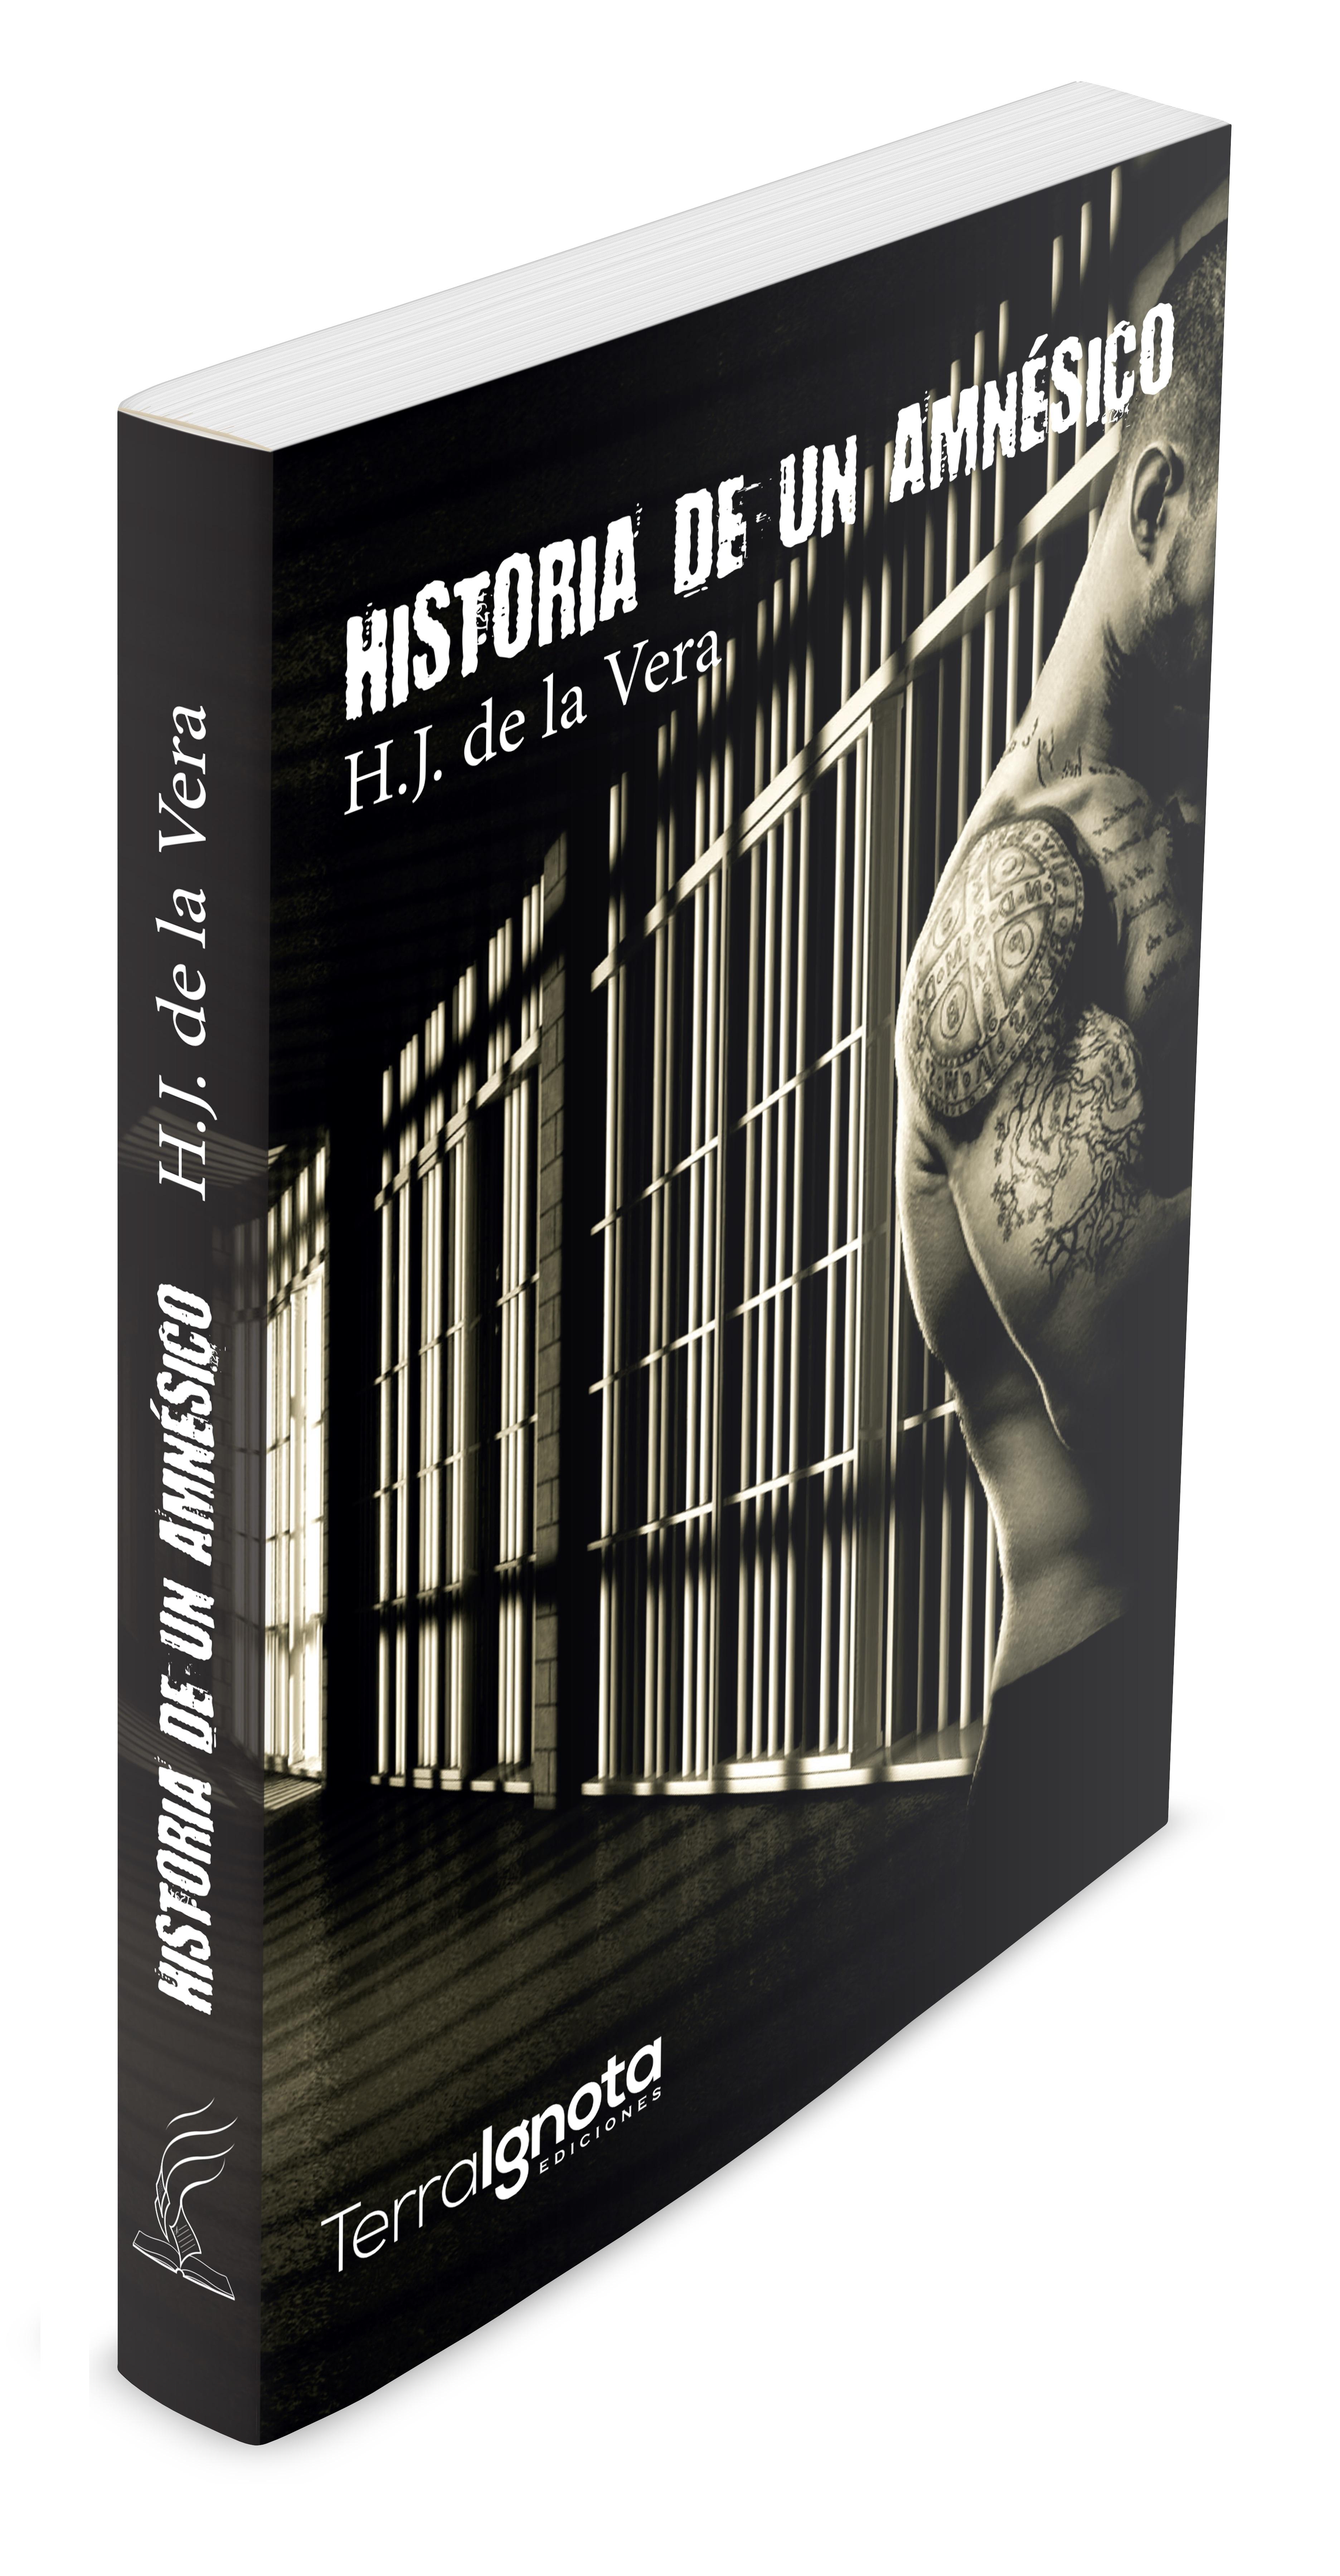 Historia-de-un-amnésico-HJ-de-la-vera-libro-3D